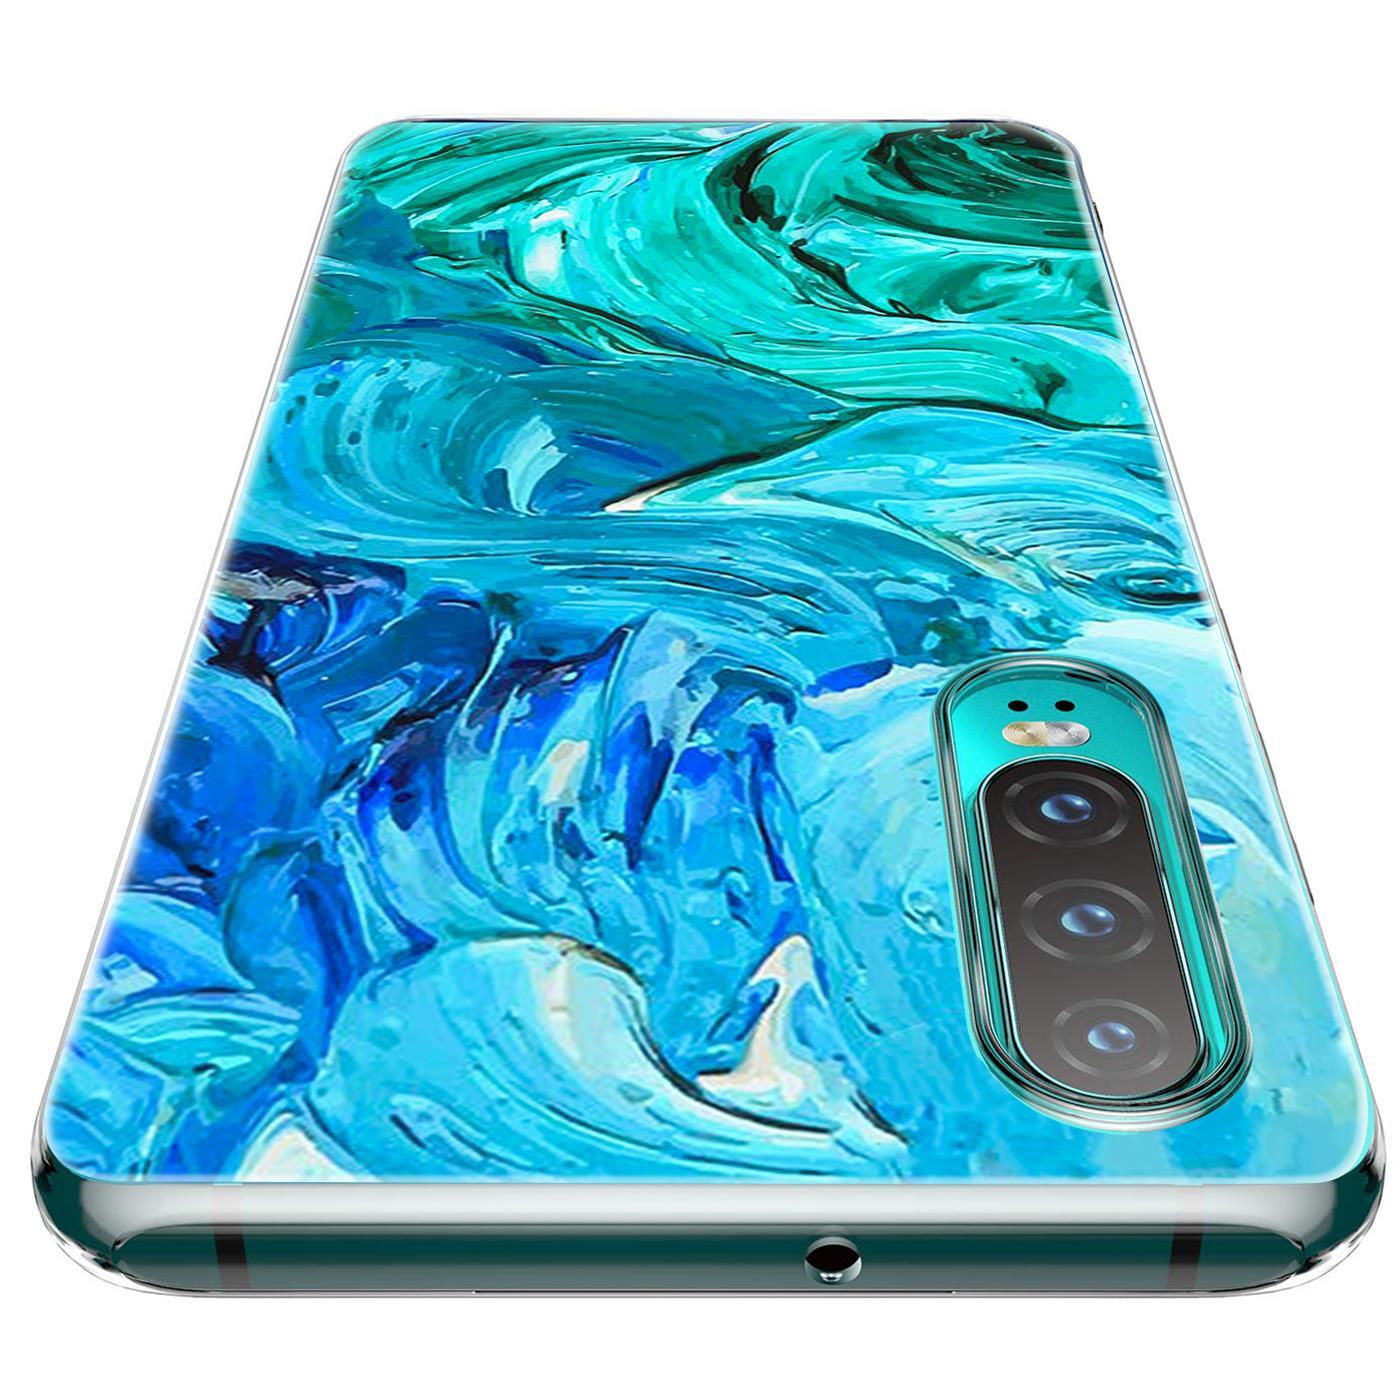 Huawei-P30-Lite-Motiv-Handy-Huelle-Silikon-Tasche-Schutzhuelle-Cover-Slim-TPU-Case Indexbild 12